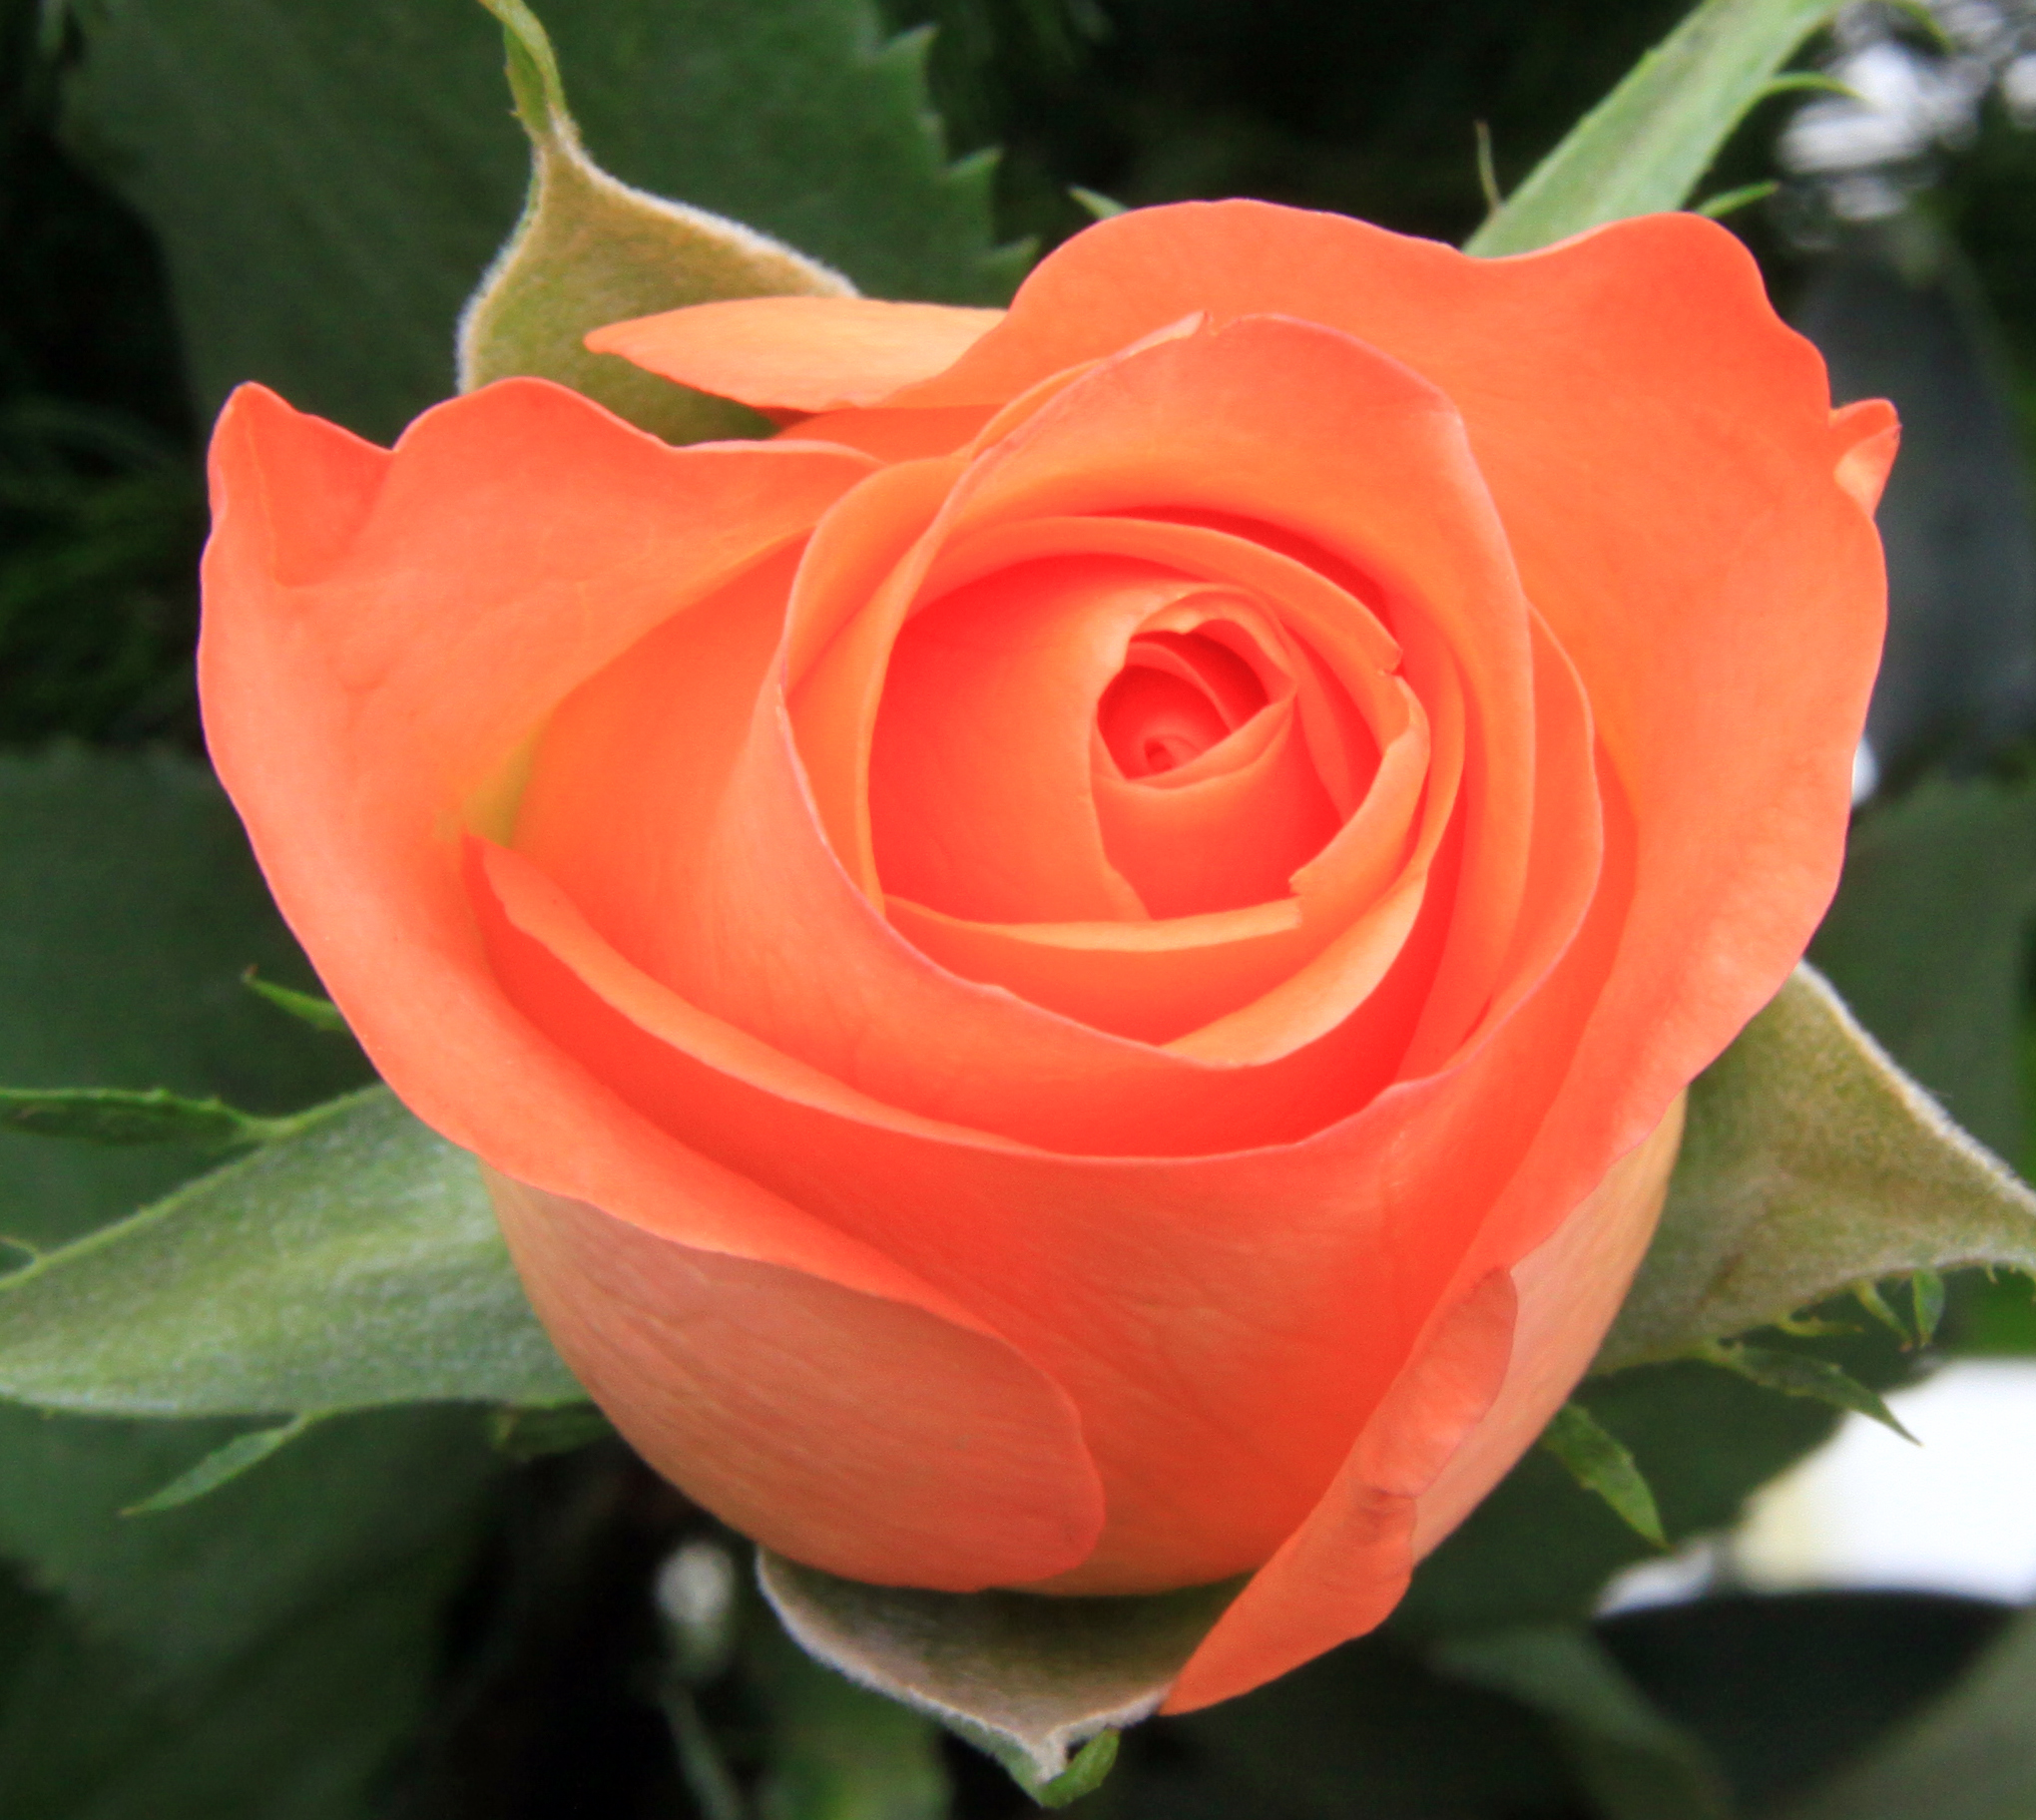 Description Peach Rose 1 (3351774506).jpg